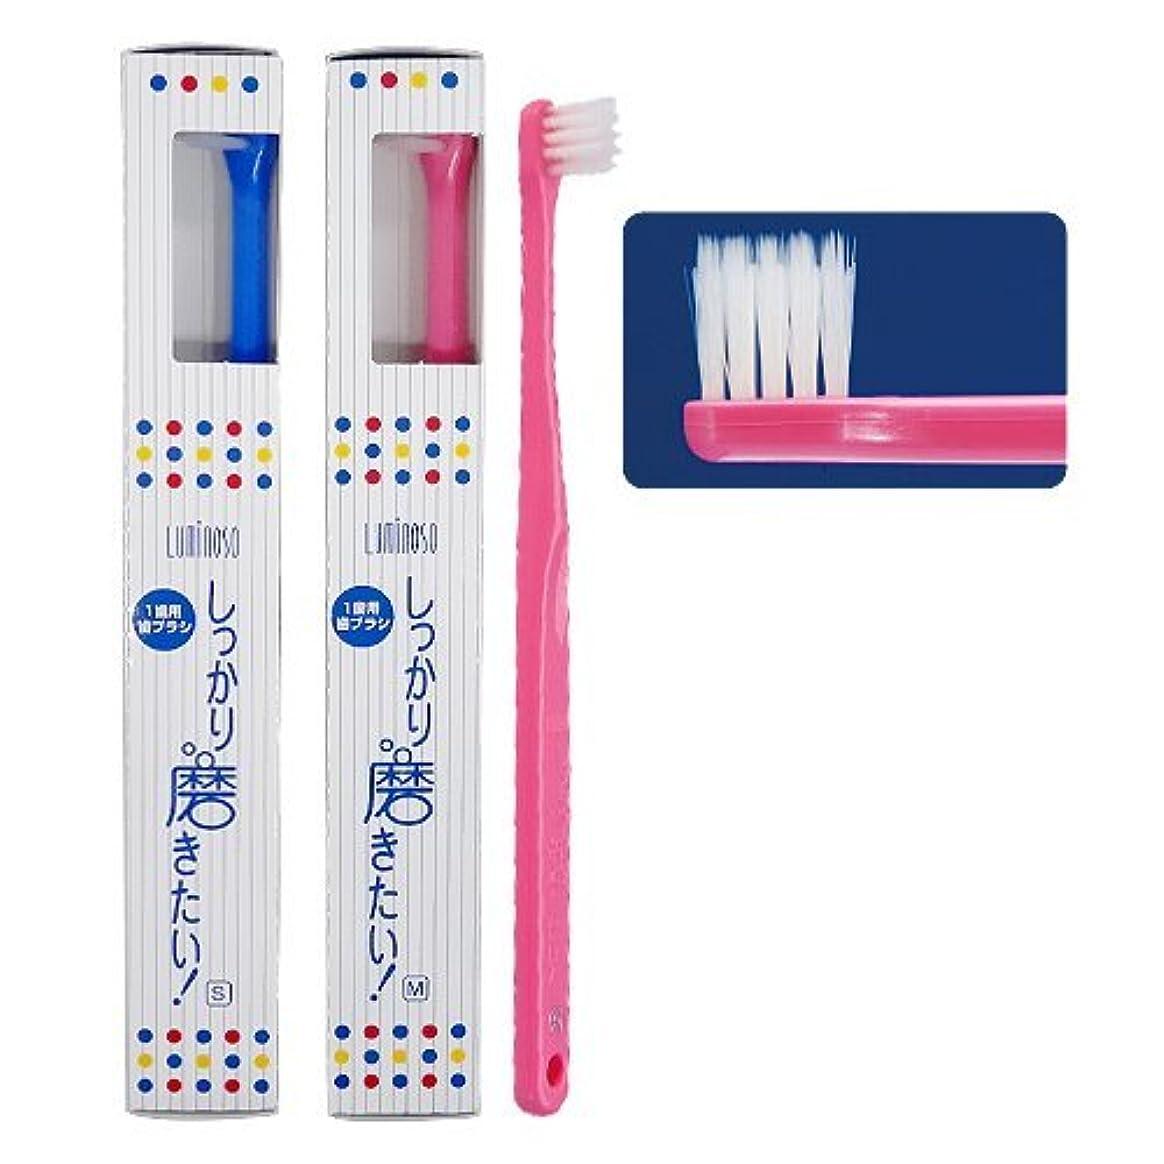 テセウス膨らませる対象ルミノソ 1歯用歯ブラシ「しっかり磨きたい!」スタンダード ソフト (カラー指定不可) 5本